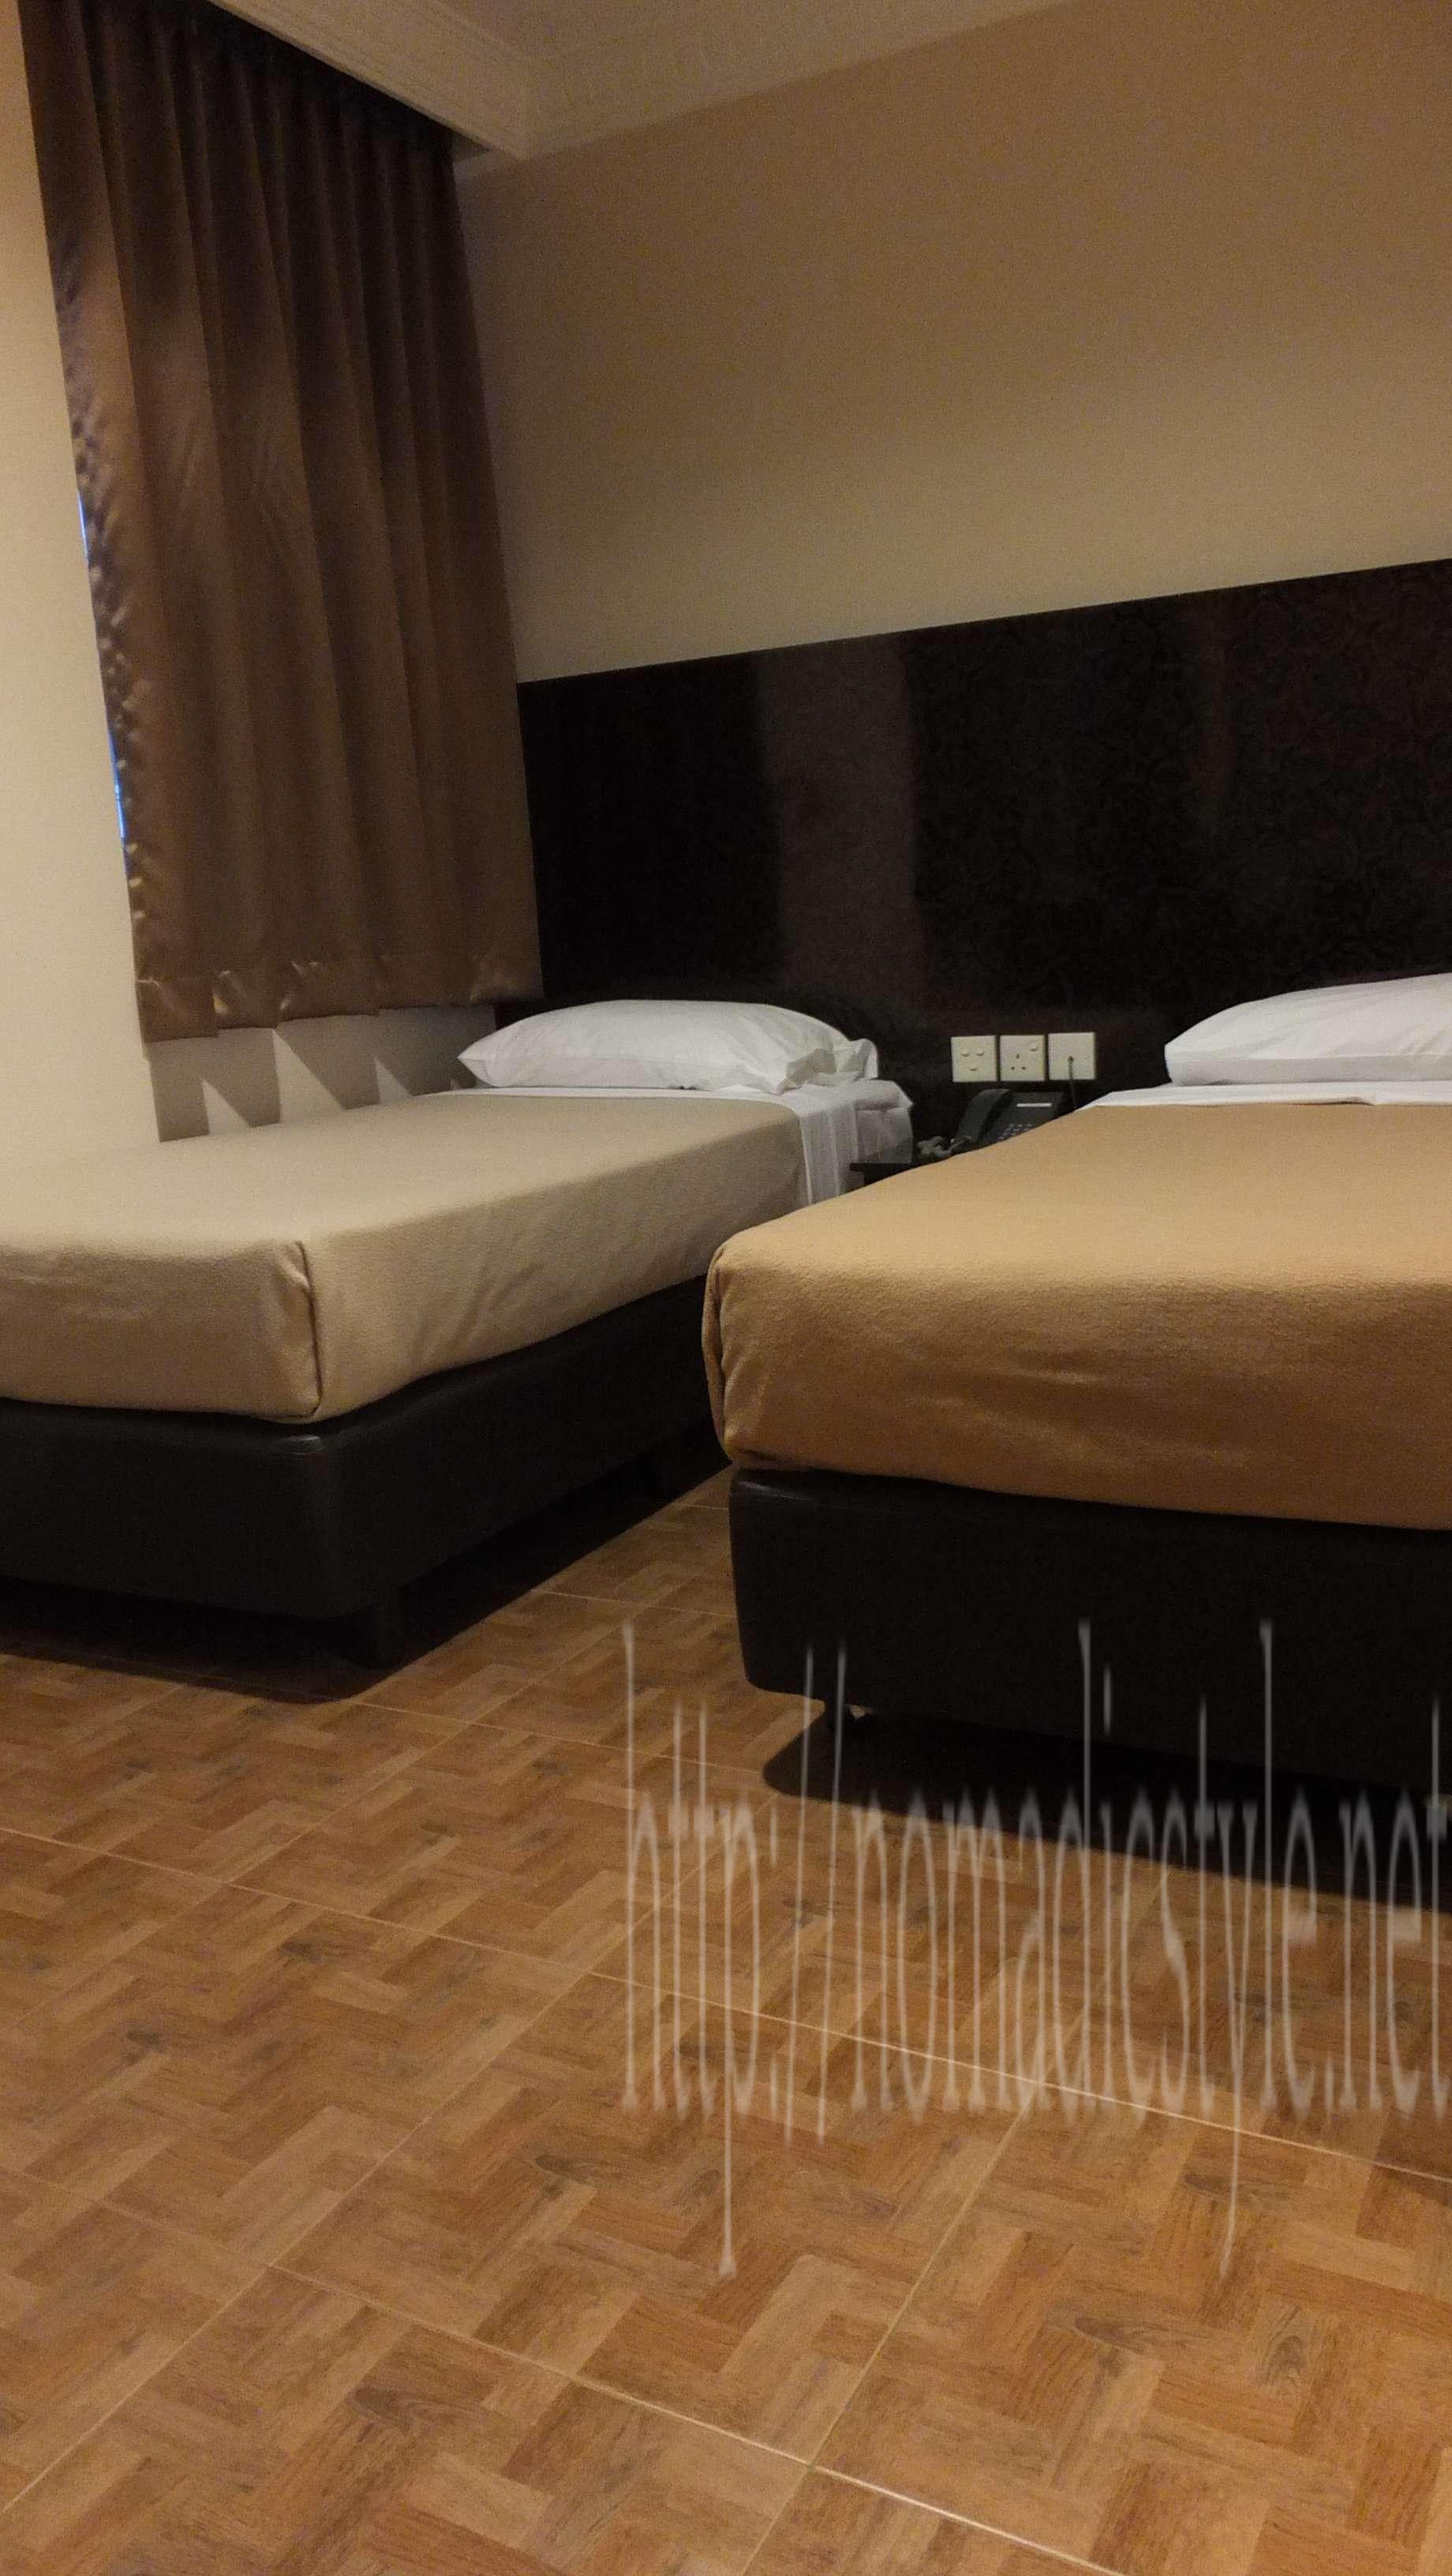 [シンガポール探訪記] Day1-7 フレグランスホテル エメラルド